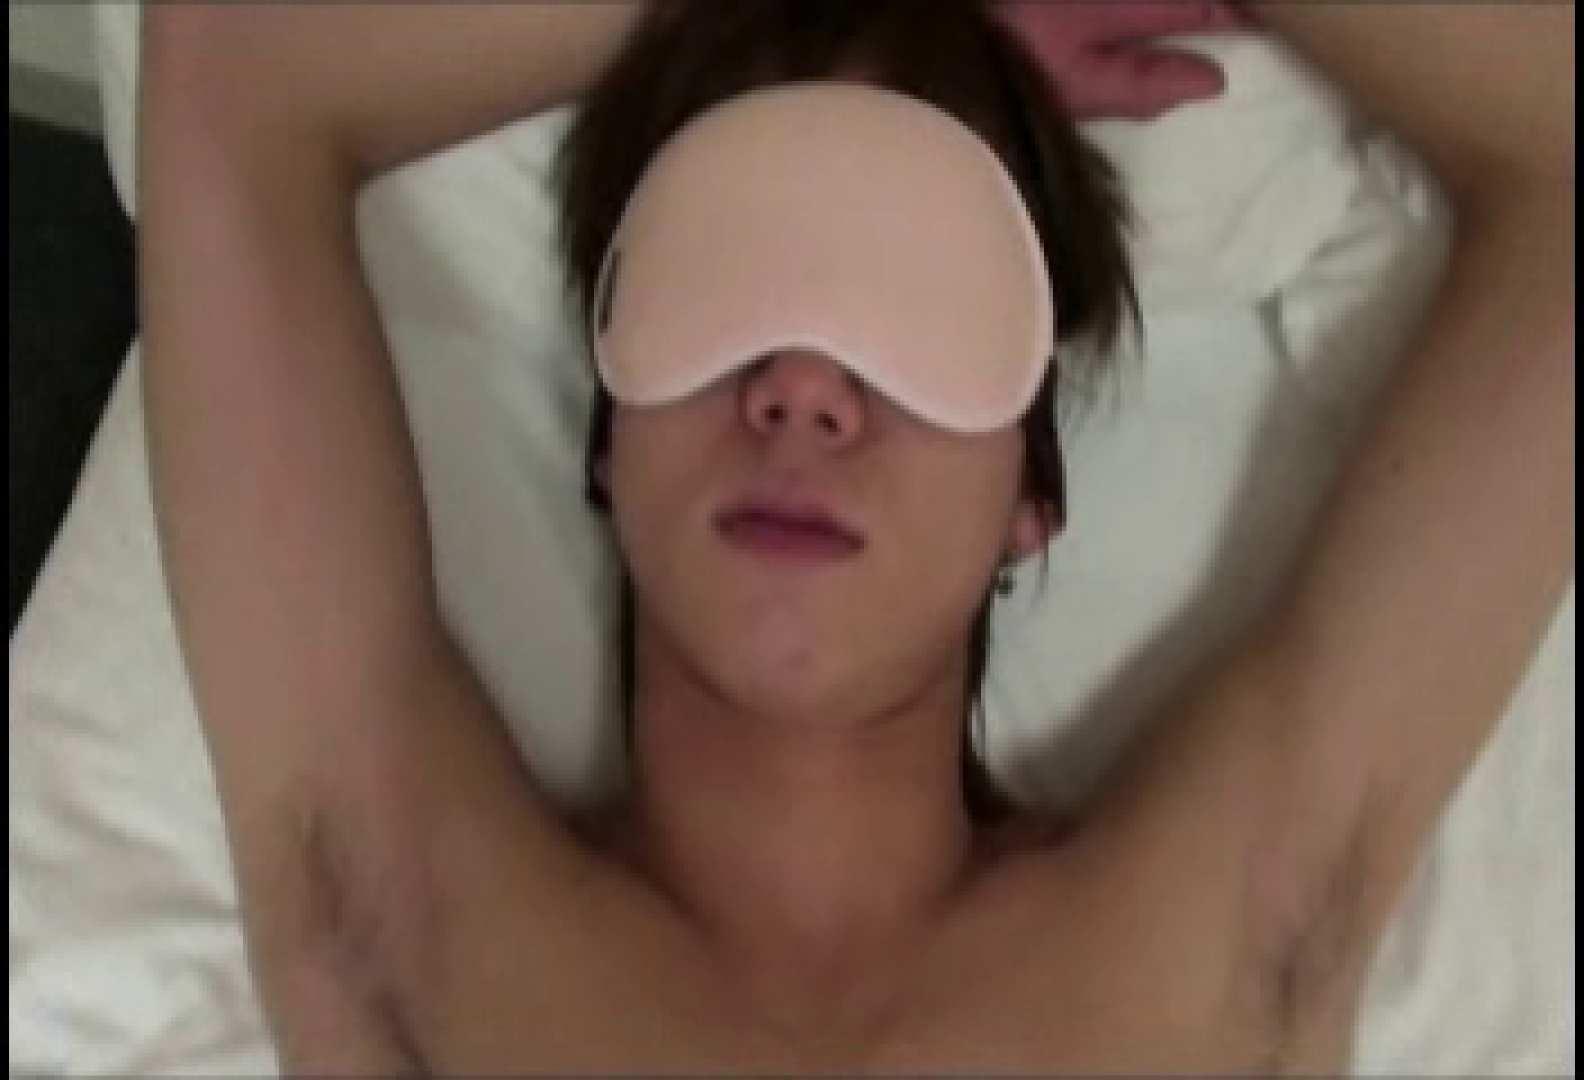 アイマスクでおもいっきり性感帯!!vol.05 オナニー専門男子 ゲイアダルトビデオ紹介 64画像 2